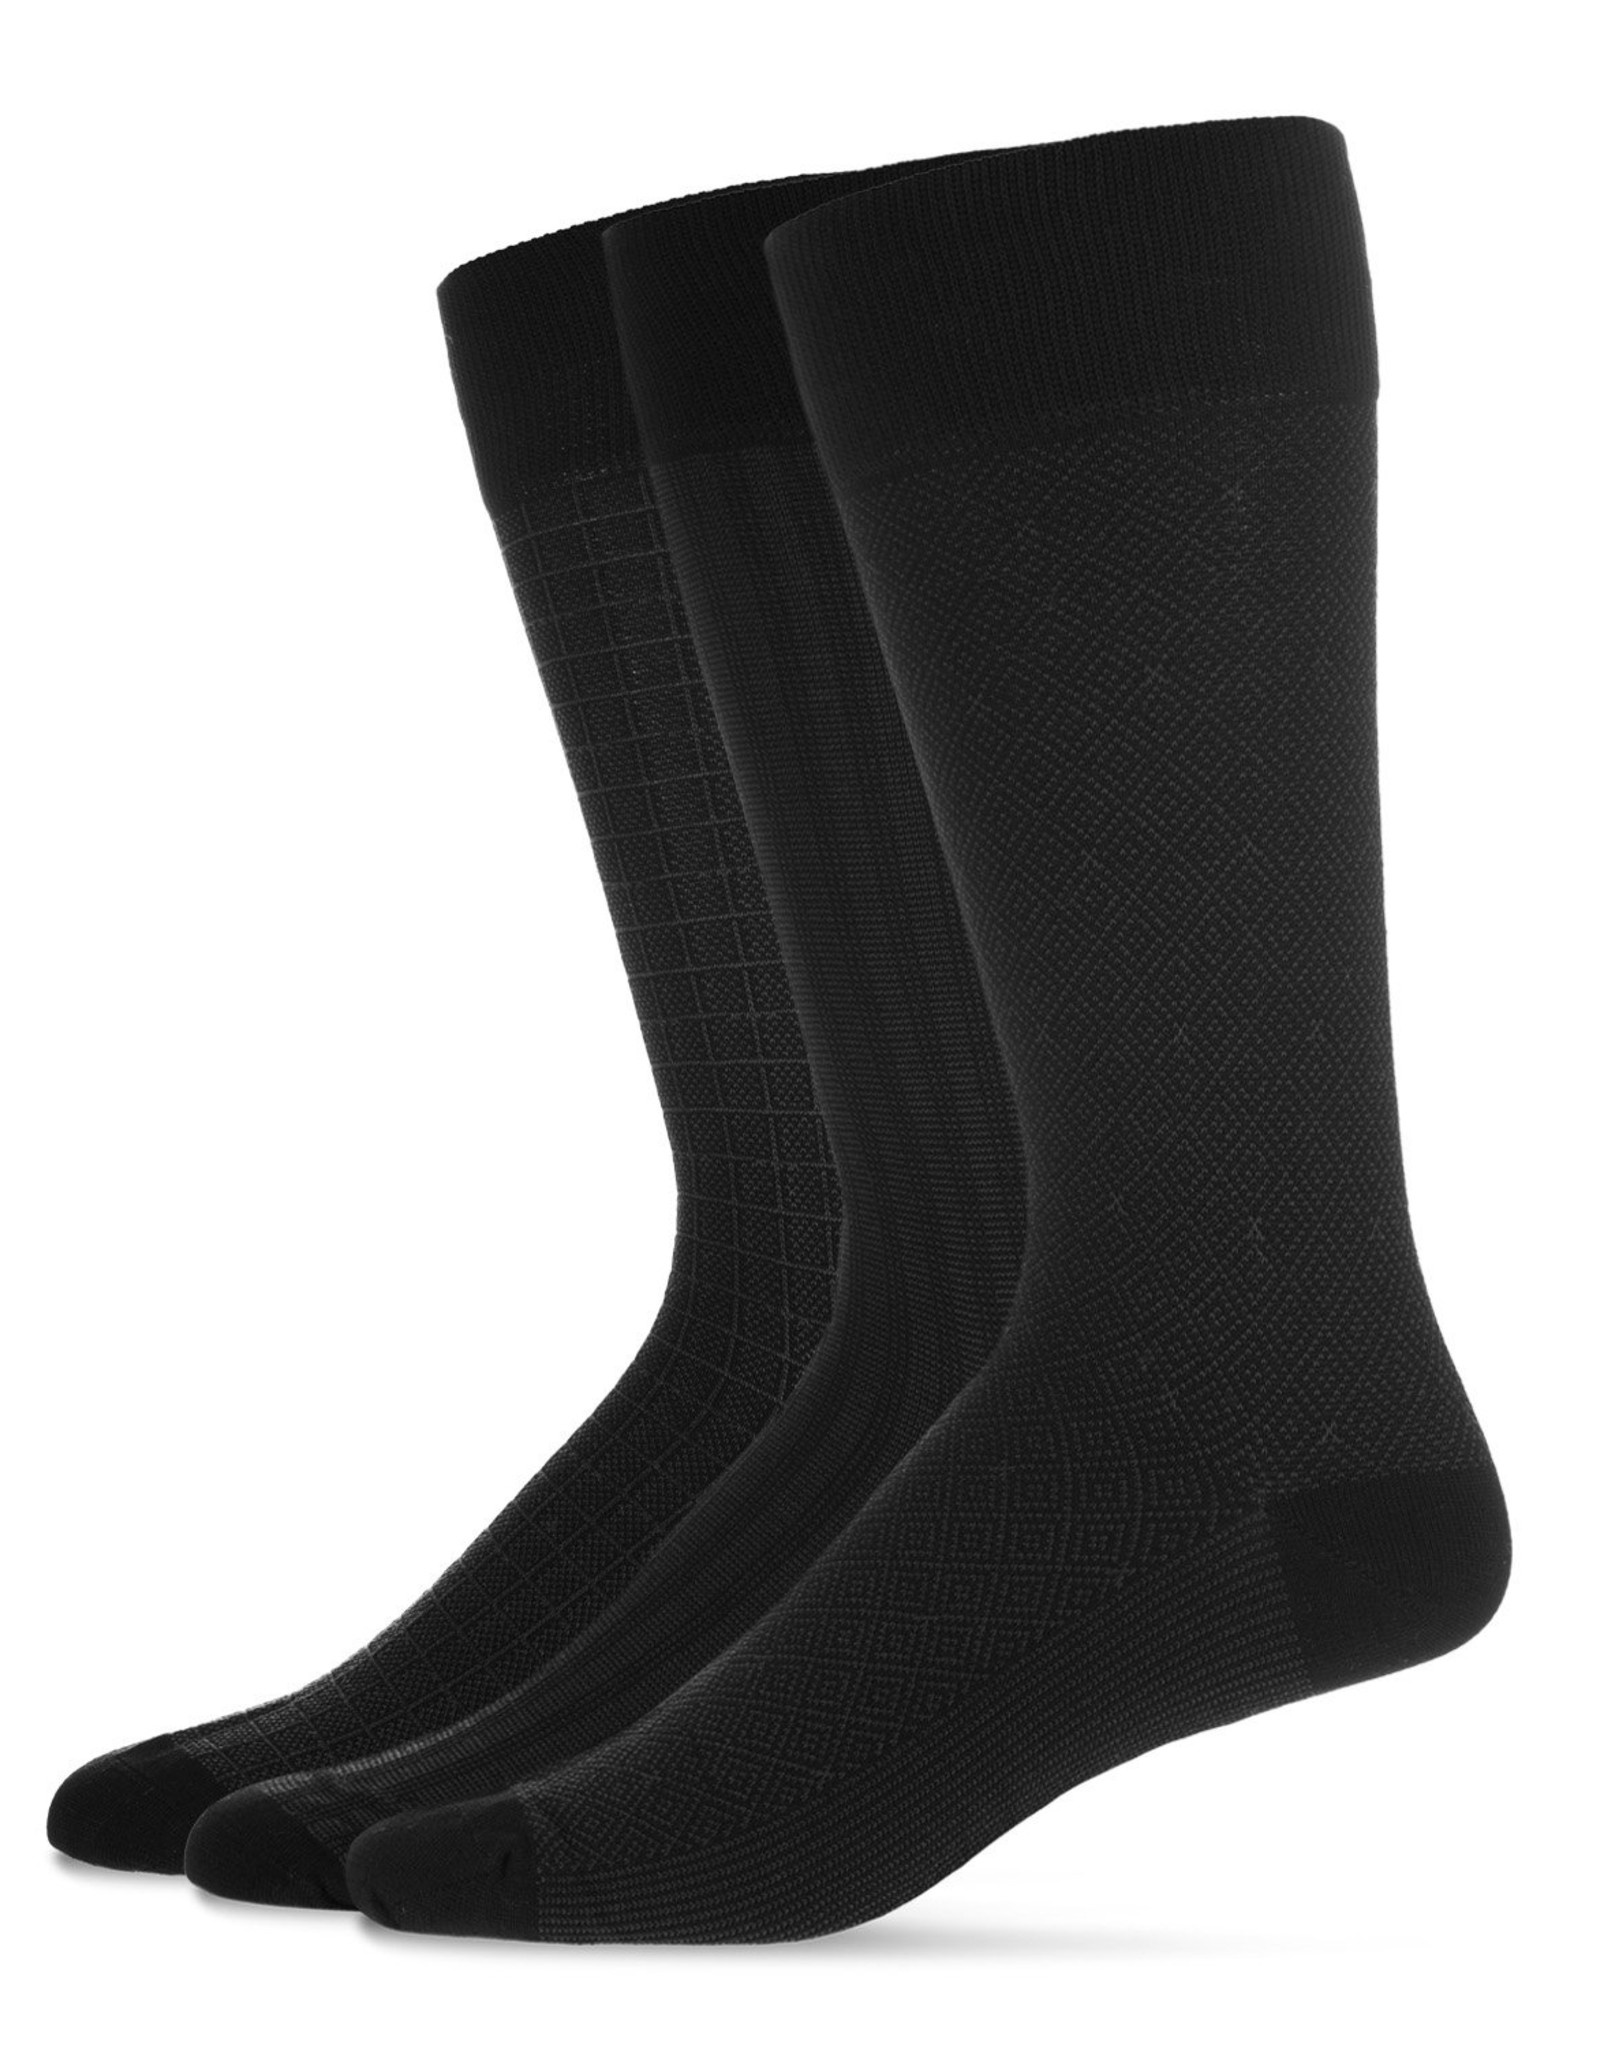 Memoi Memoi Mens Mercerized 3 Pack Socks